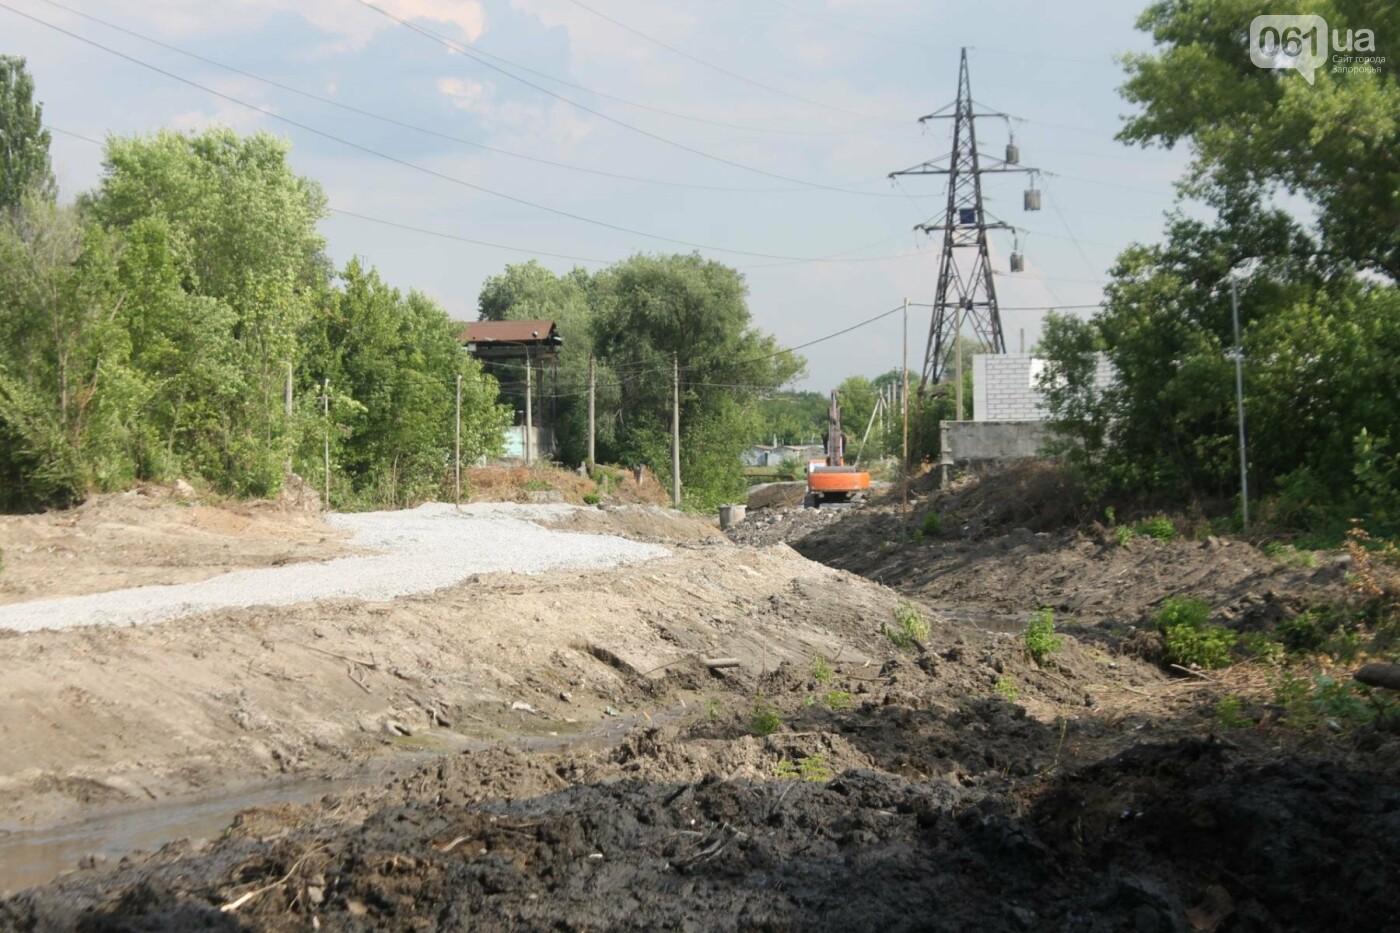 В Запорожье продолжается многомиллионная расчистка русла реки на Верхней Хортице, – ФОТОРЕПОРТАЖ, фото-2